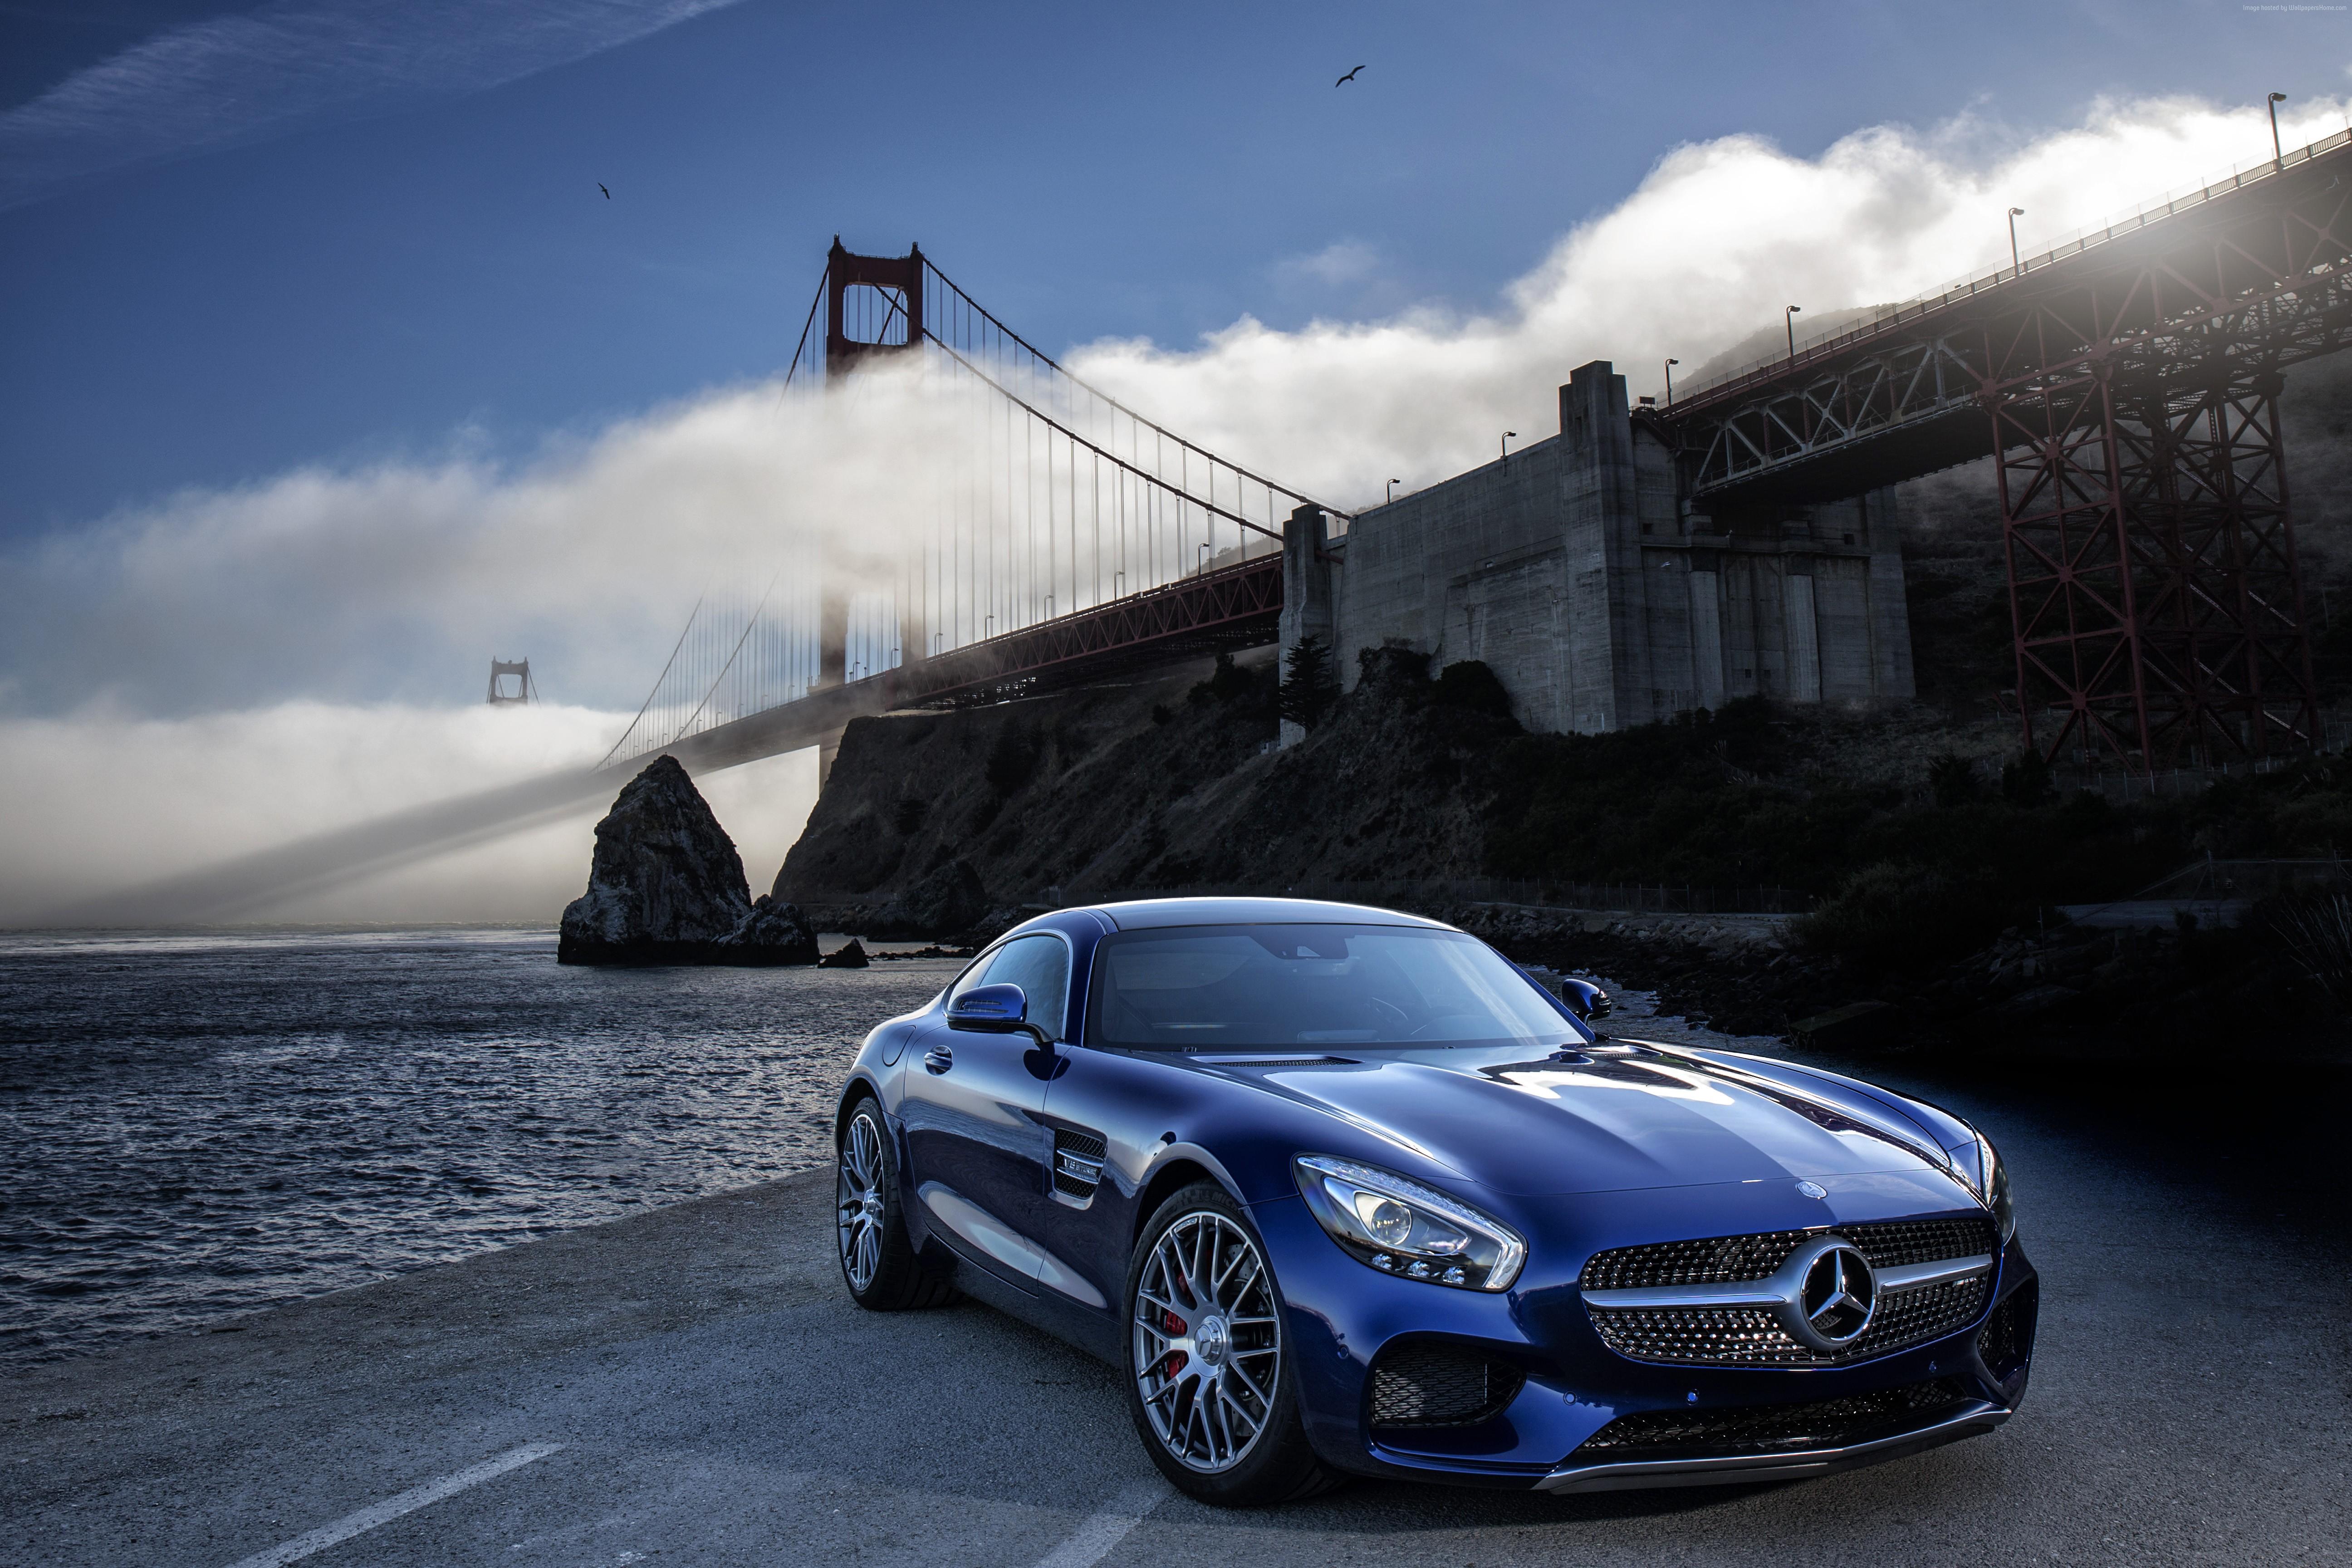 Mercedes AMG GTS Wallpaper 5184x3456